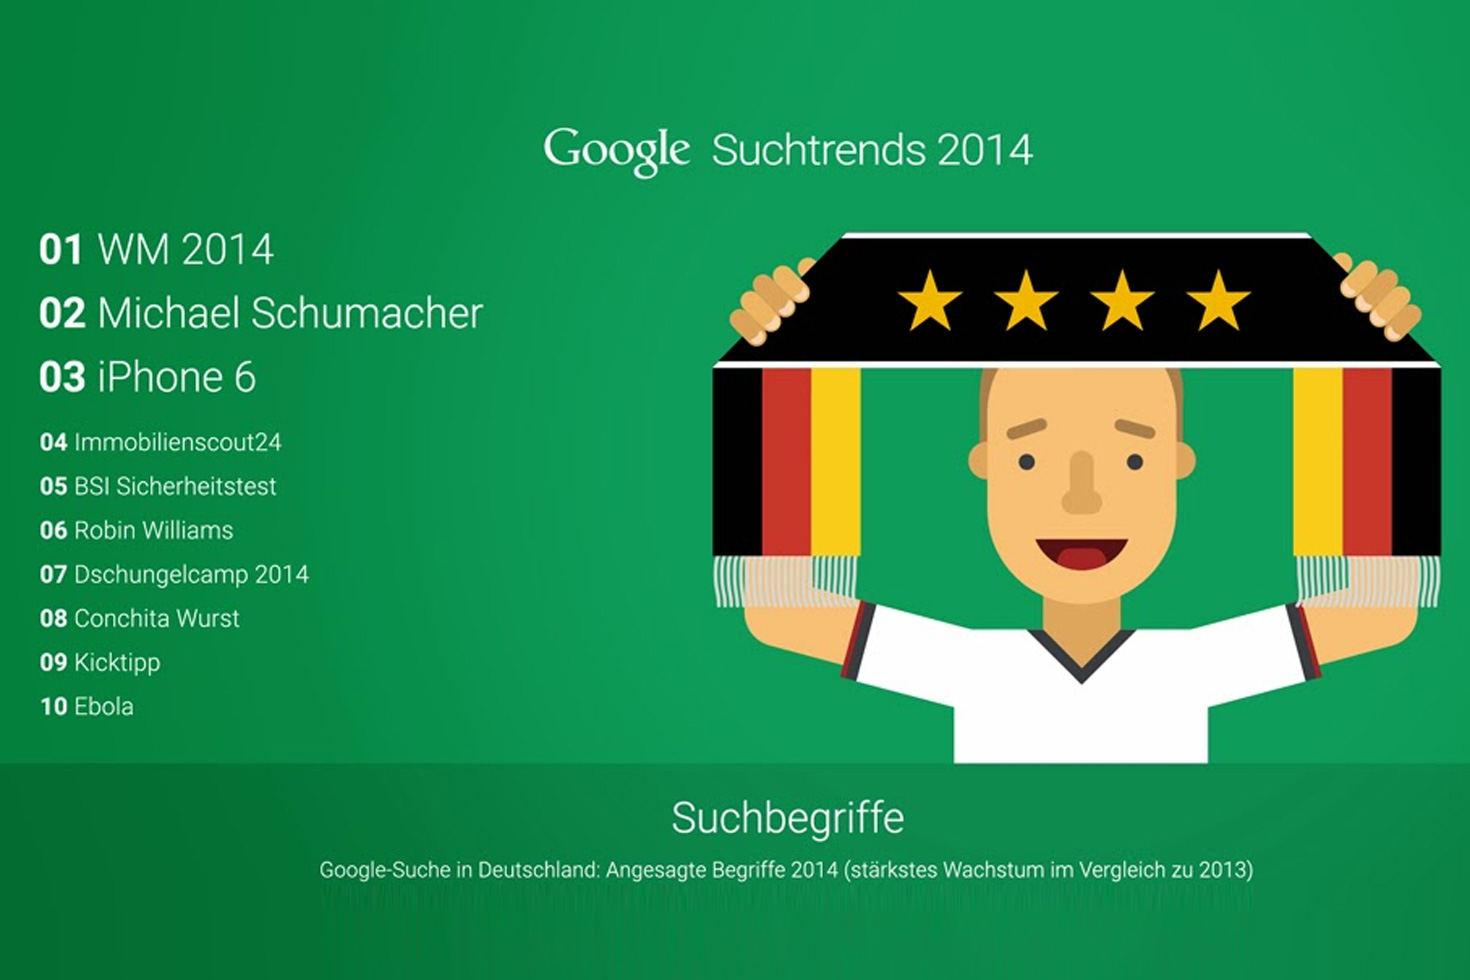 немцы в интернете знакомятся